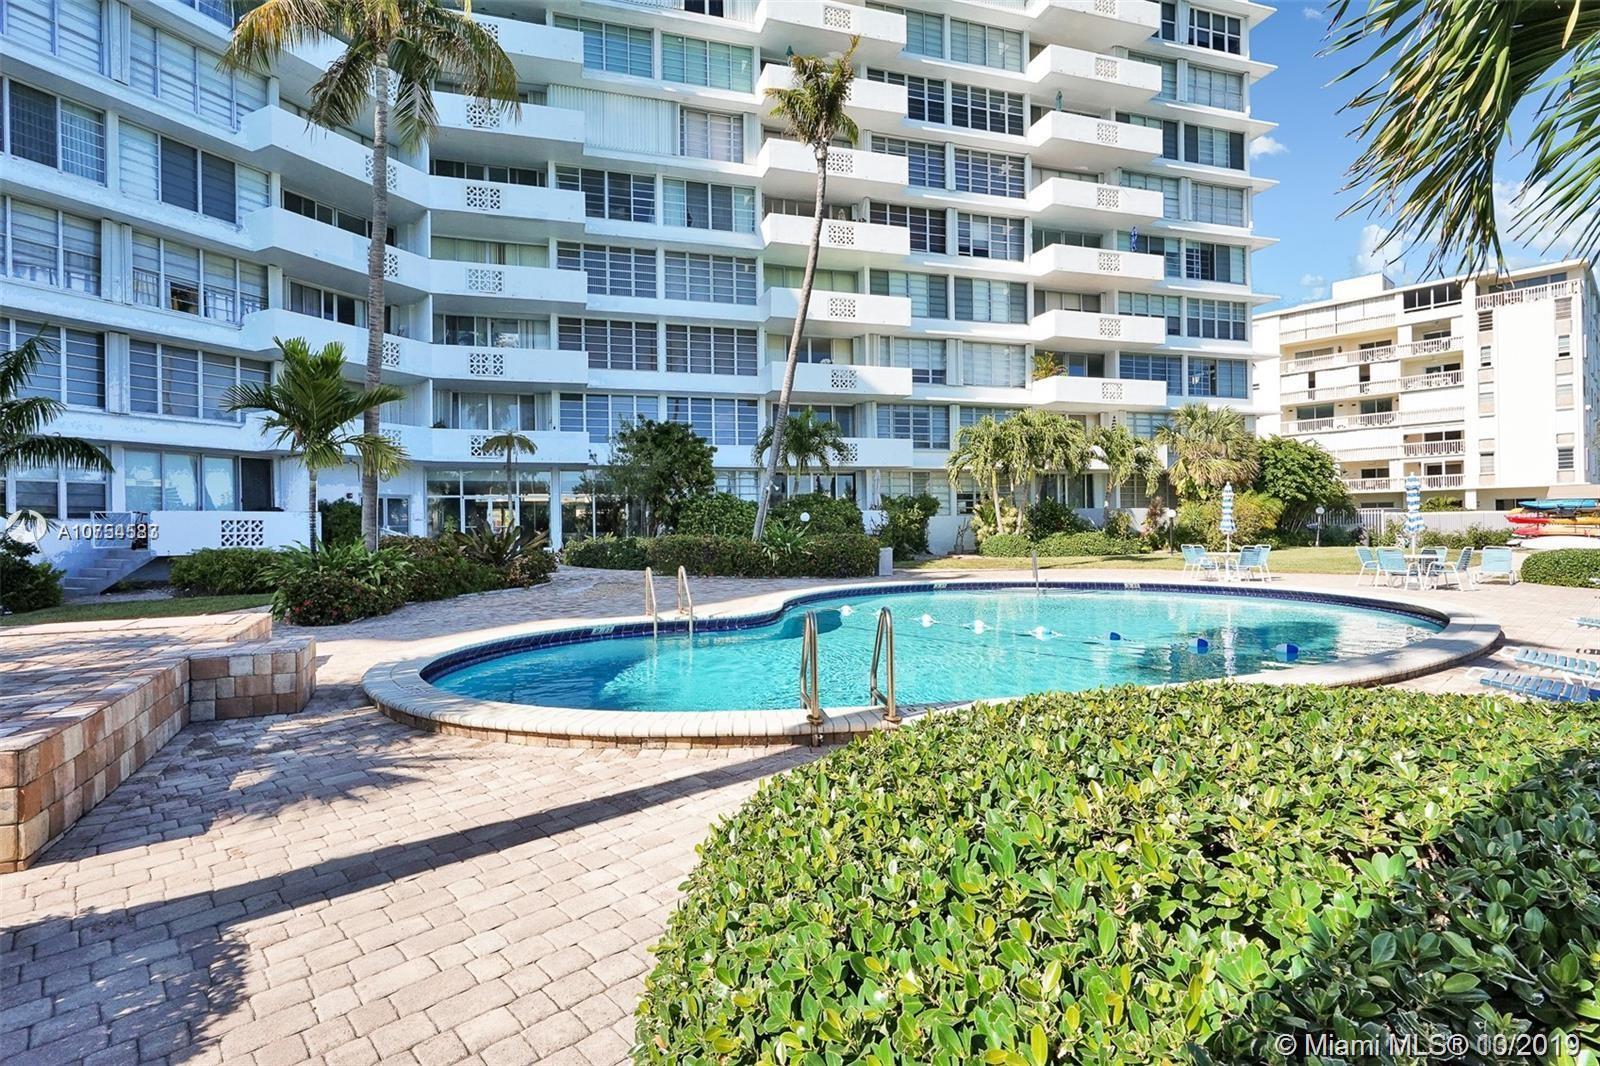 9101 E Bay Harbor Dr #403 For Sale A10754583, FL